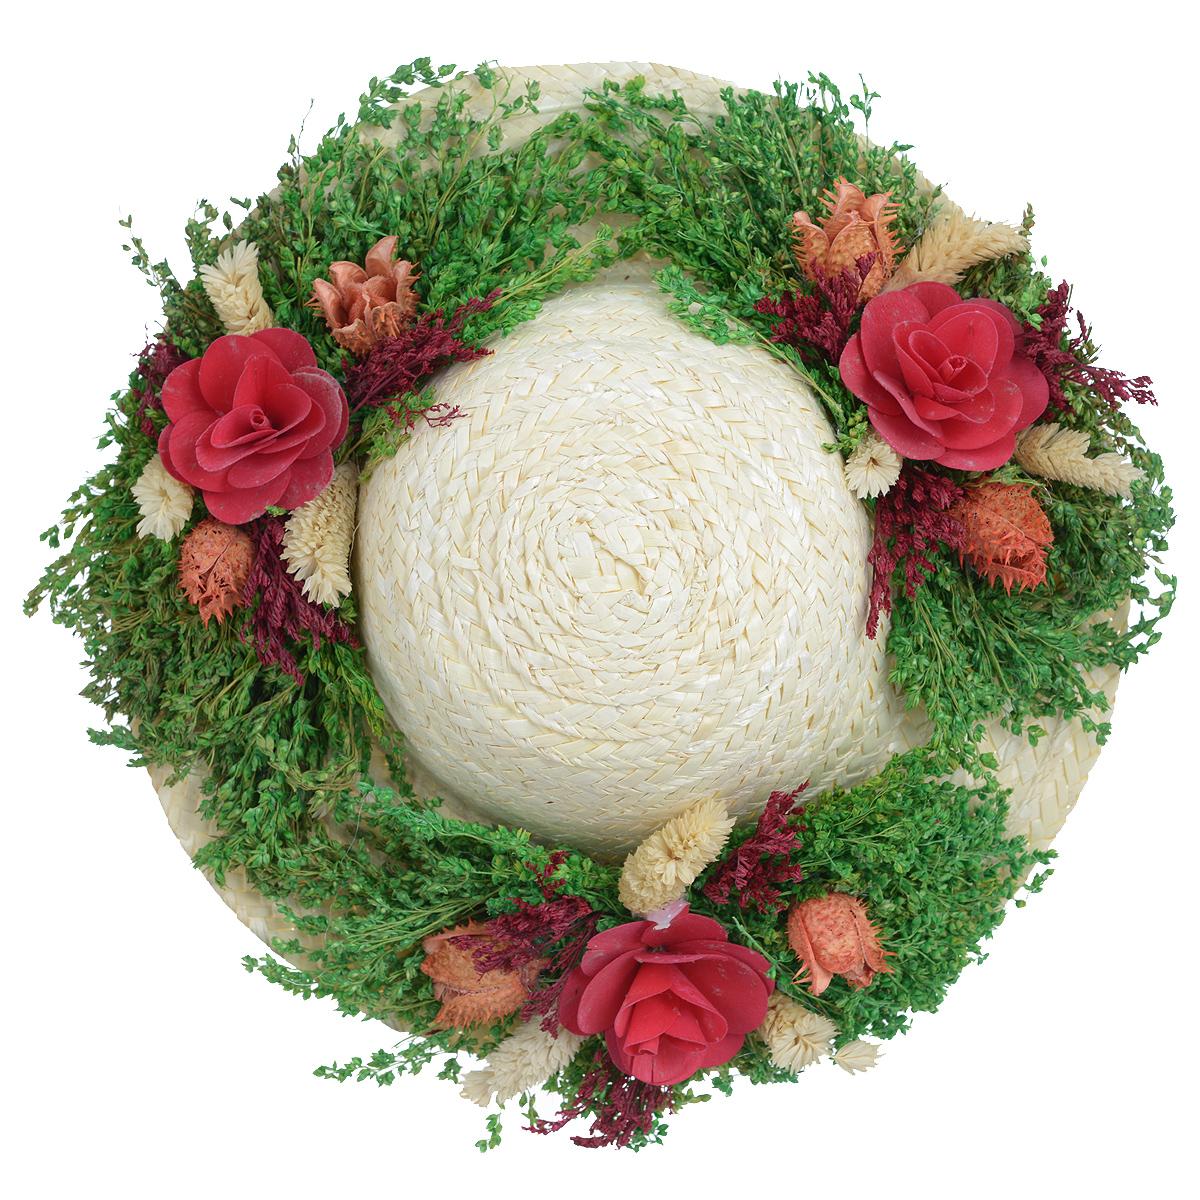 Декоративное настенное украшение Lillo Шляпа с цветами, цвет: светло-бежевый, зеленый, красныйAF 03127Декоративное подвесное украшение Lillo Шляпа с цветами выполнено из натуральной соломы и украшено сухоцветами. Такая шляпа станет изящным элементом декора в вашем доме. С задней стороны расположена петелька для подвешивания. Такое украшение не только подчеркнет ваш изысканный вкус, но и прекрасным подарком, который обязательно порадует получателя. Диаметр шляпы: 29 см.